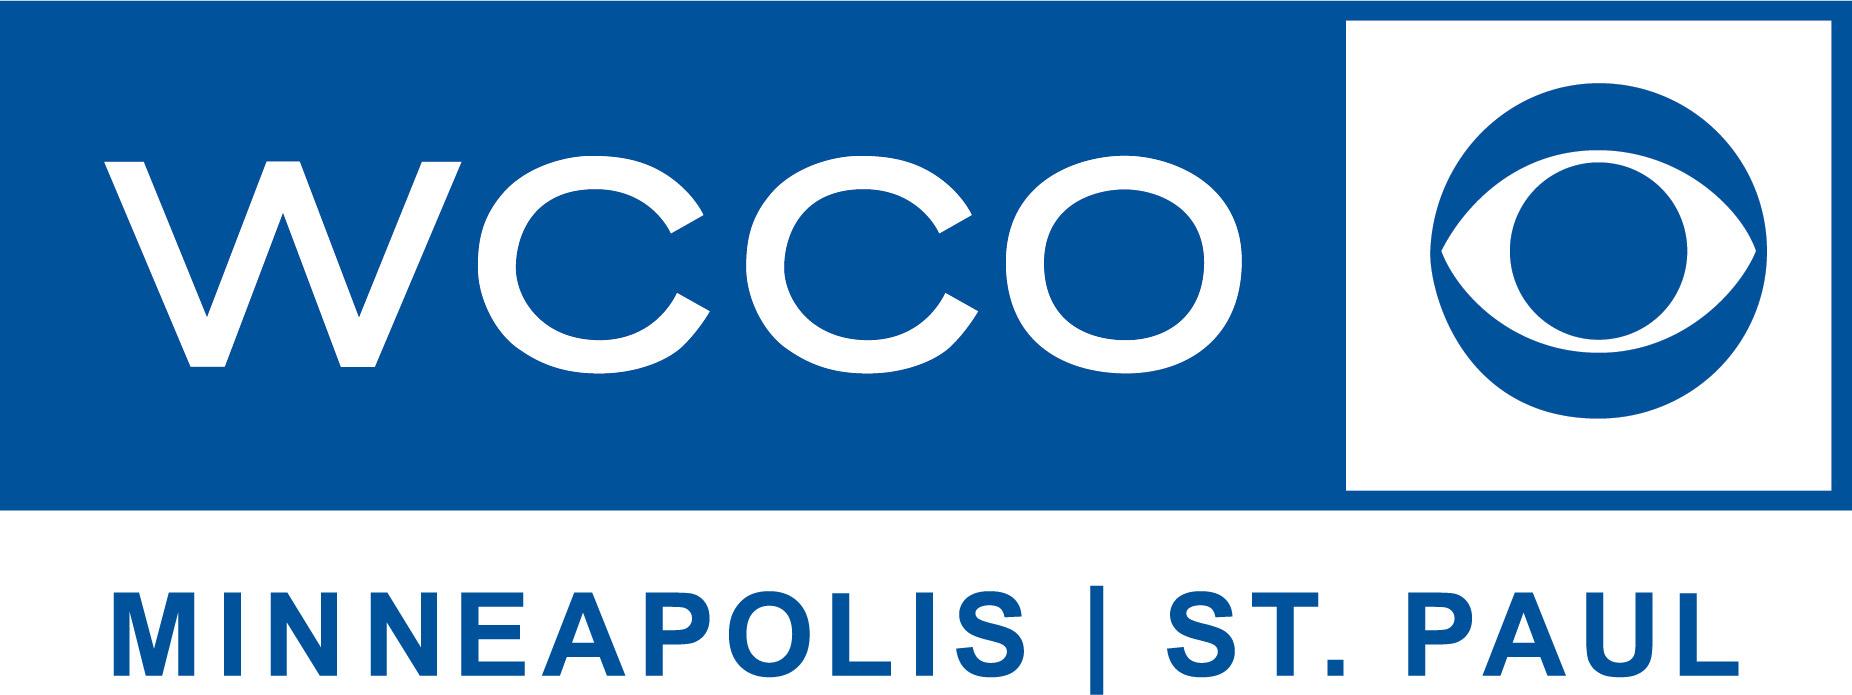 WCCO TV Logo